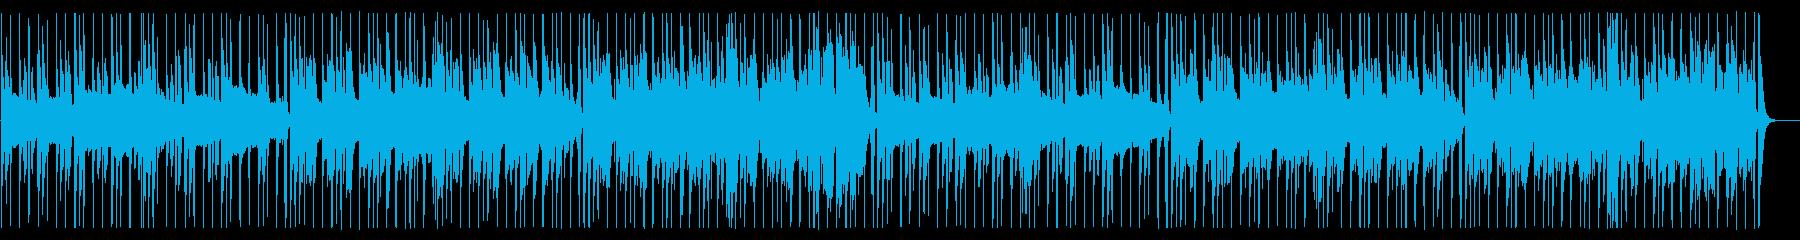 おしゃれなギターが特徴的なR&B_2の再生済みの波形